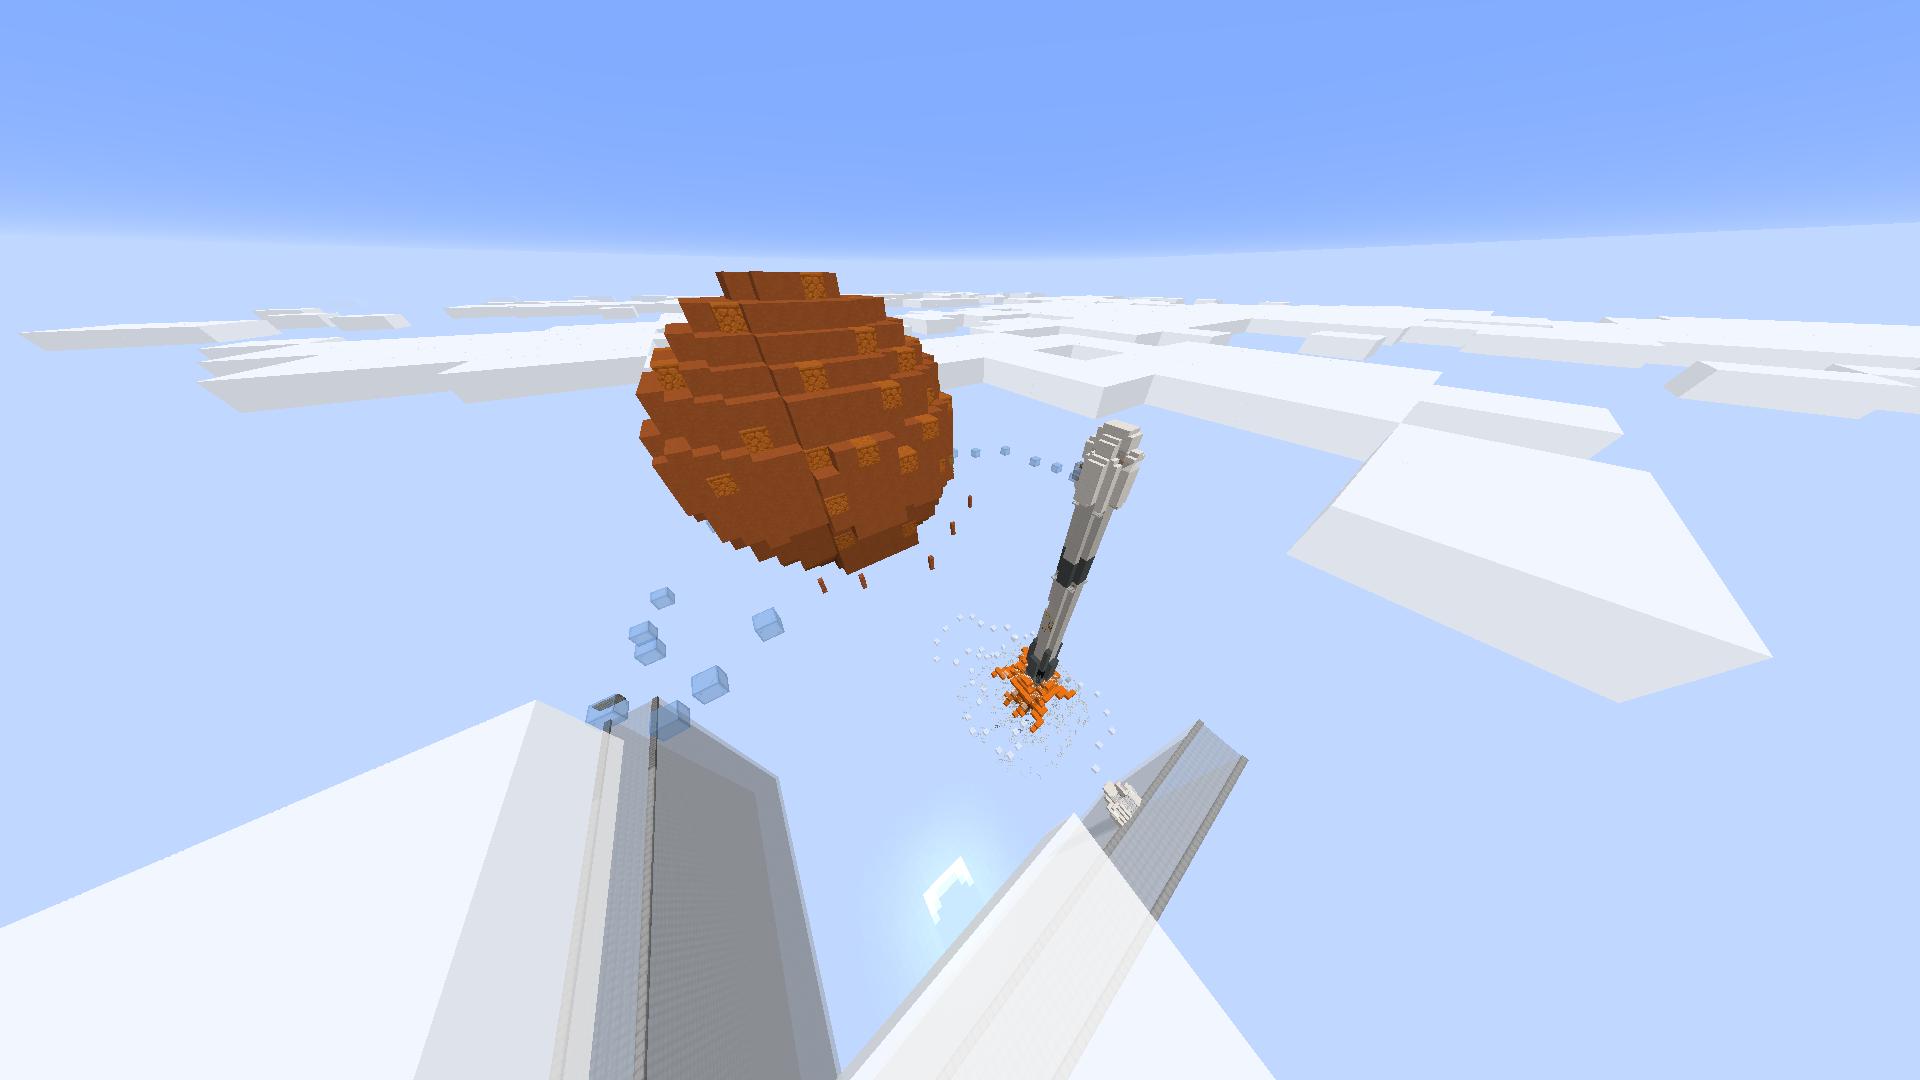 Minecraft 1.15.2 - Multijugador (de terceros) 21_05_2020 21_32_58.png